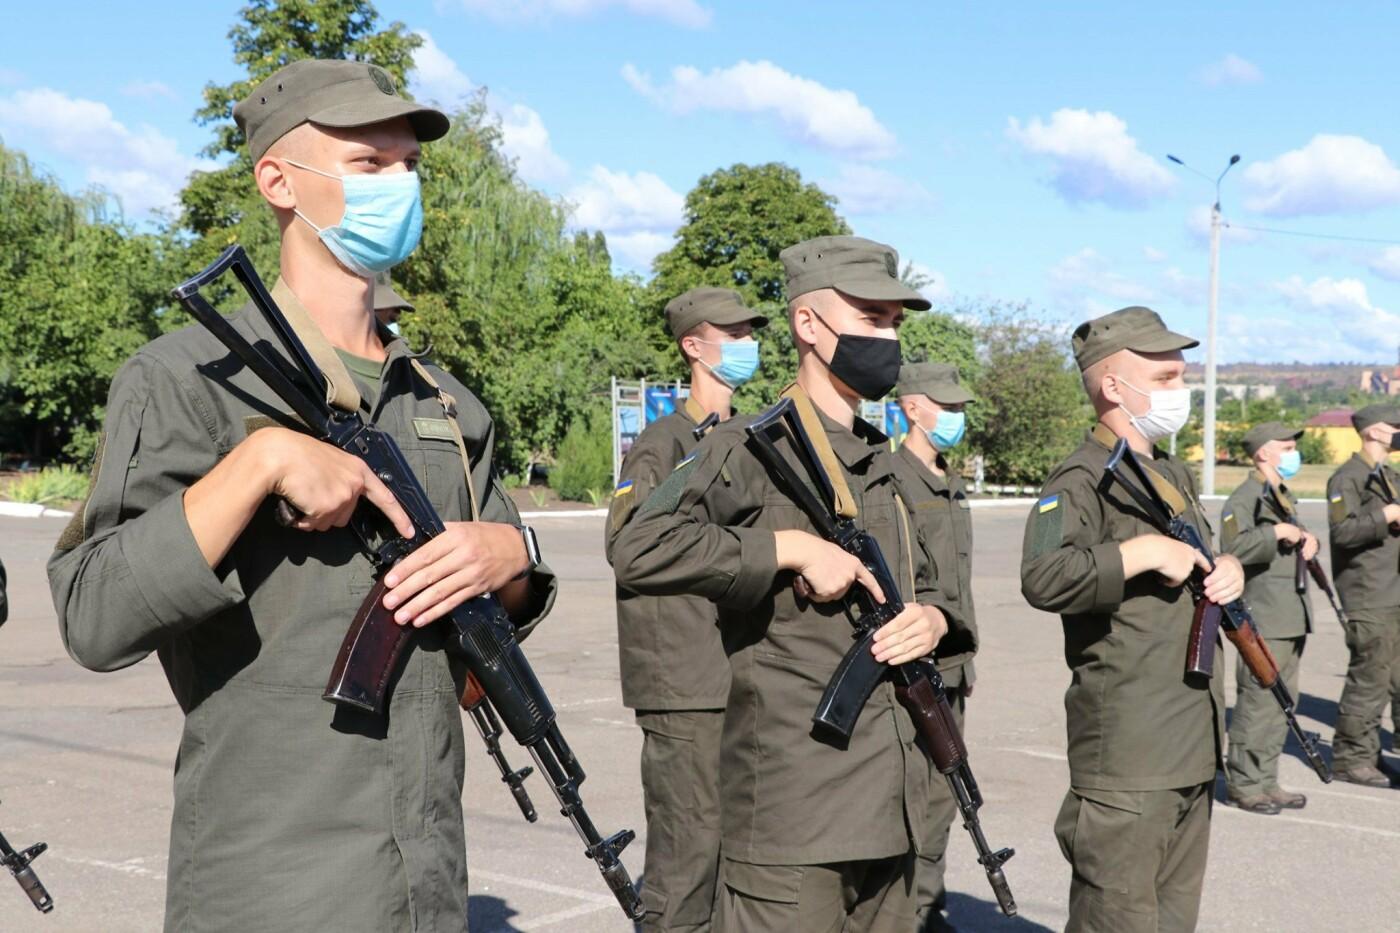 В Криворожской бригаде Нацгвардии новобранцы получили боевое оружие, - ФОТО, фото-7